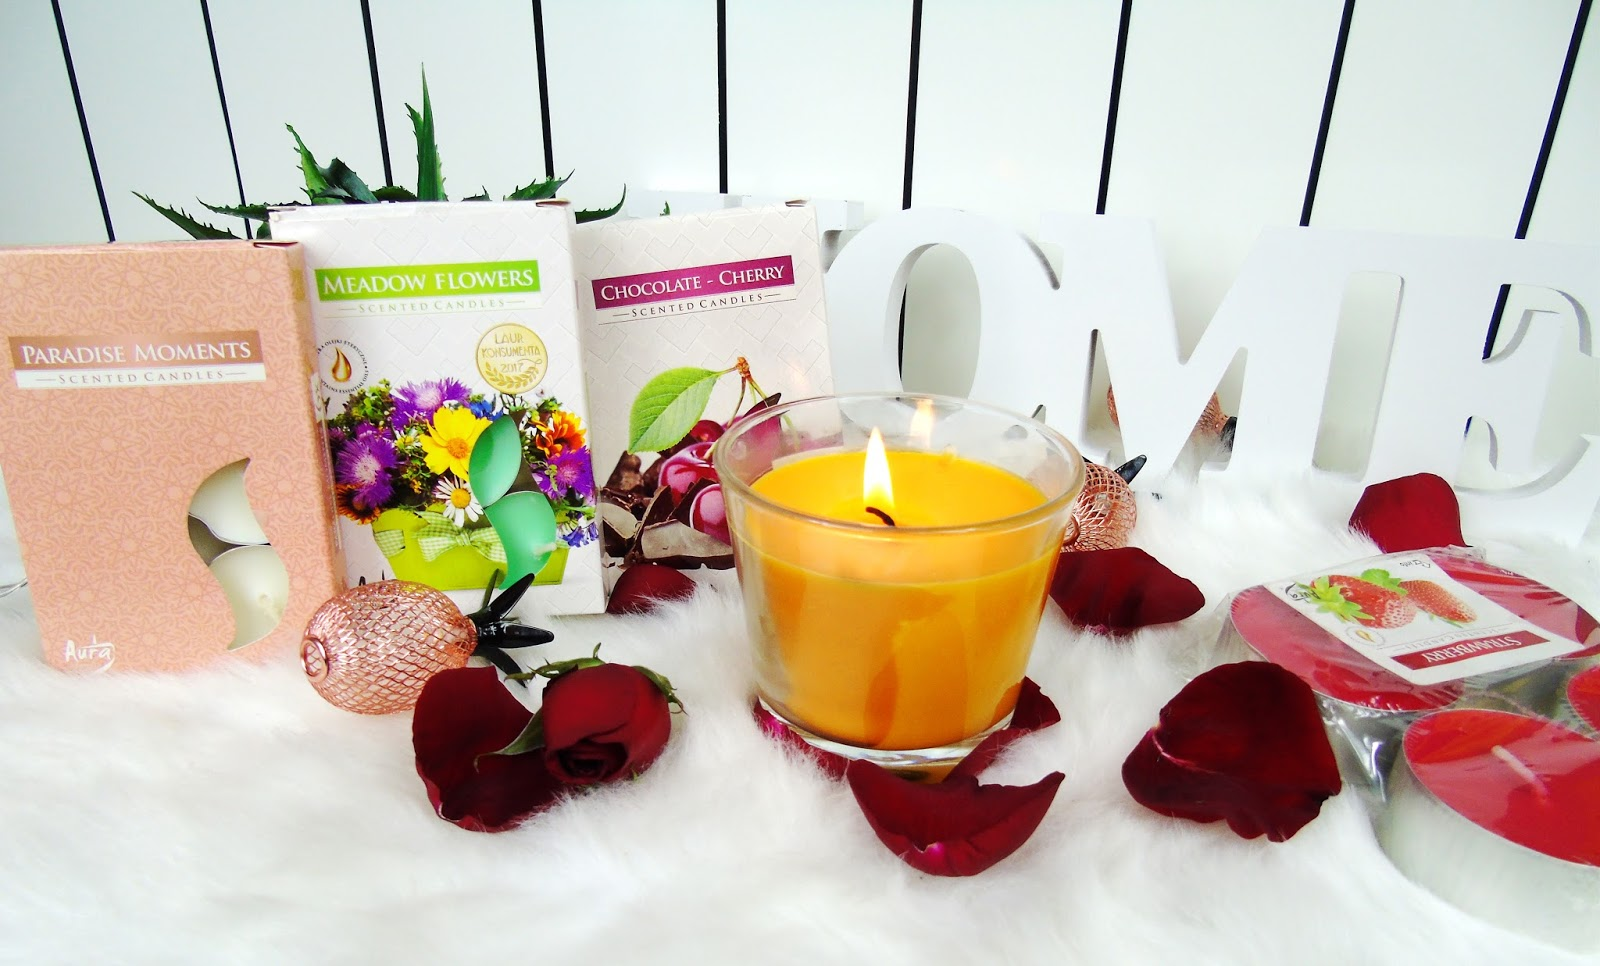 BISPOL - Aromatyczne świece i podgrzewacze, które wyczarują romantyczny nastrój w Twoim domu.